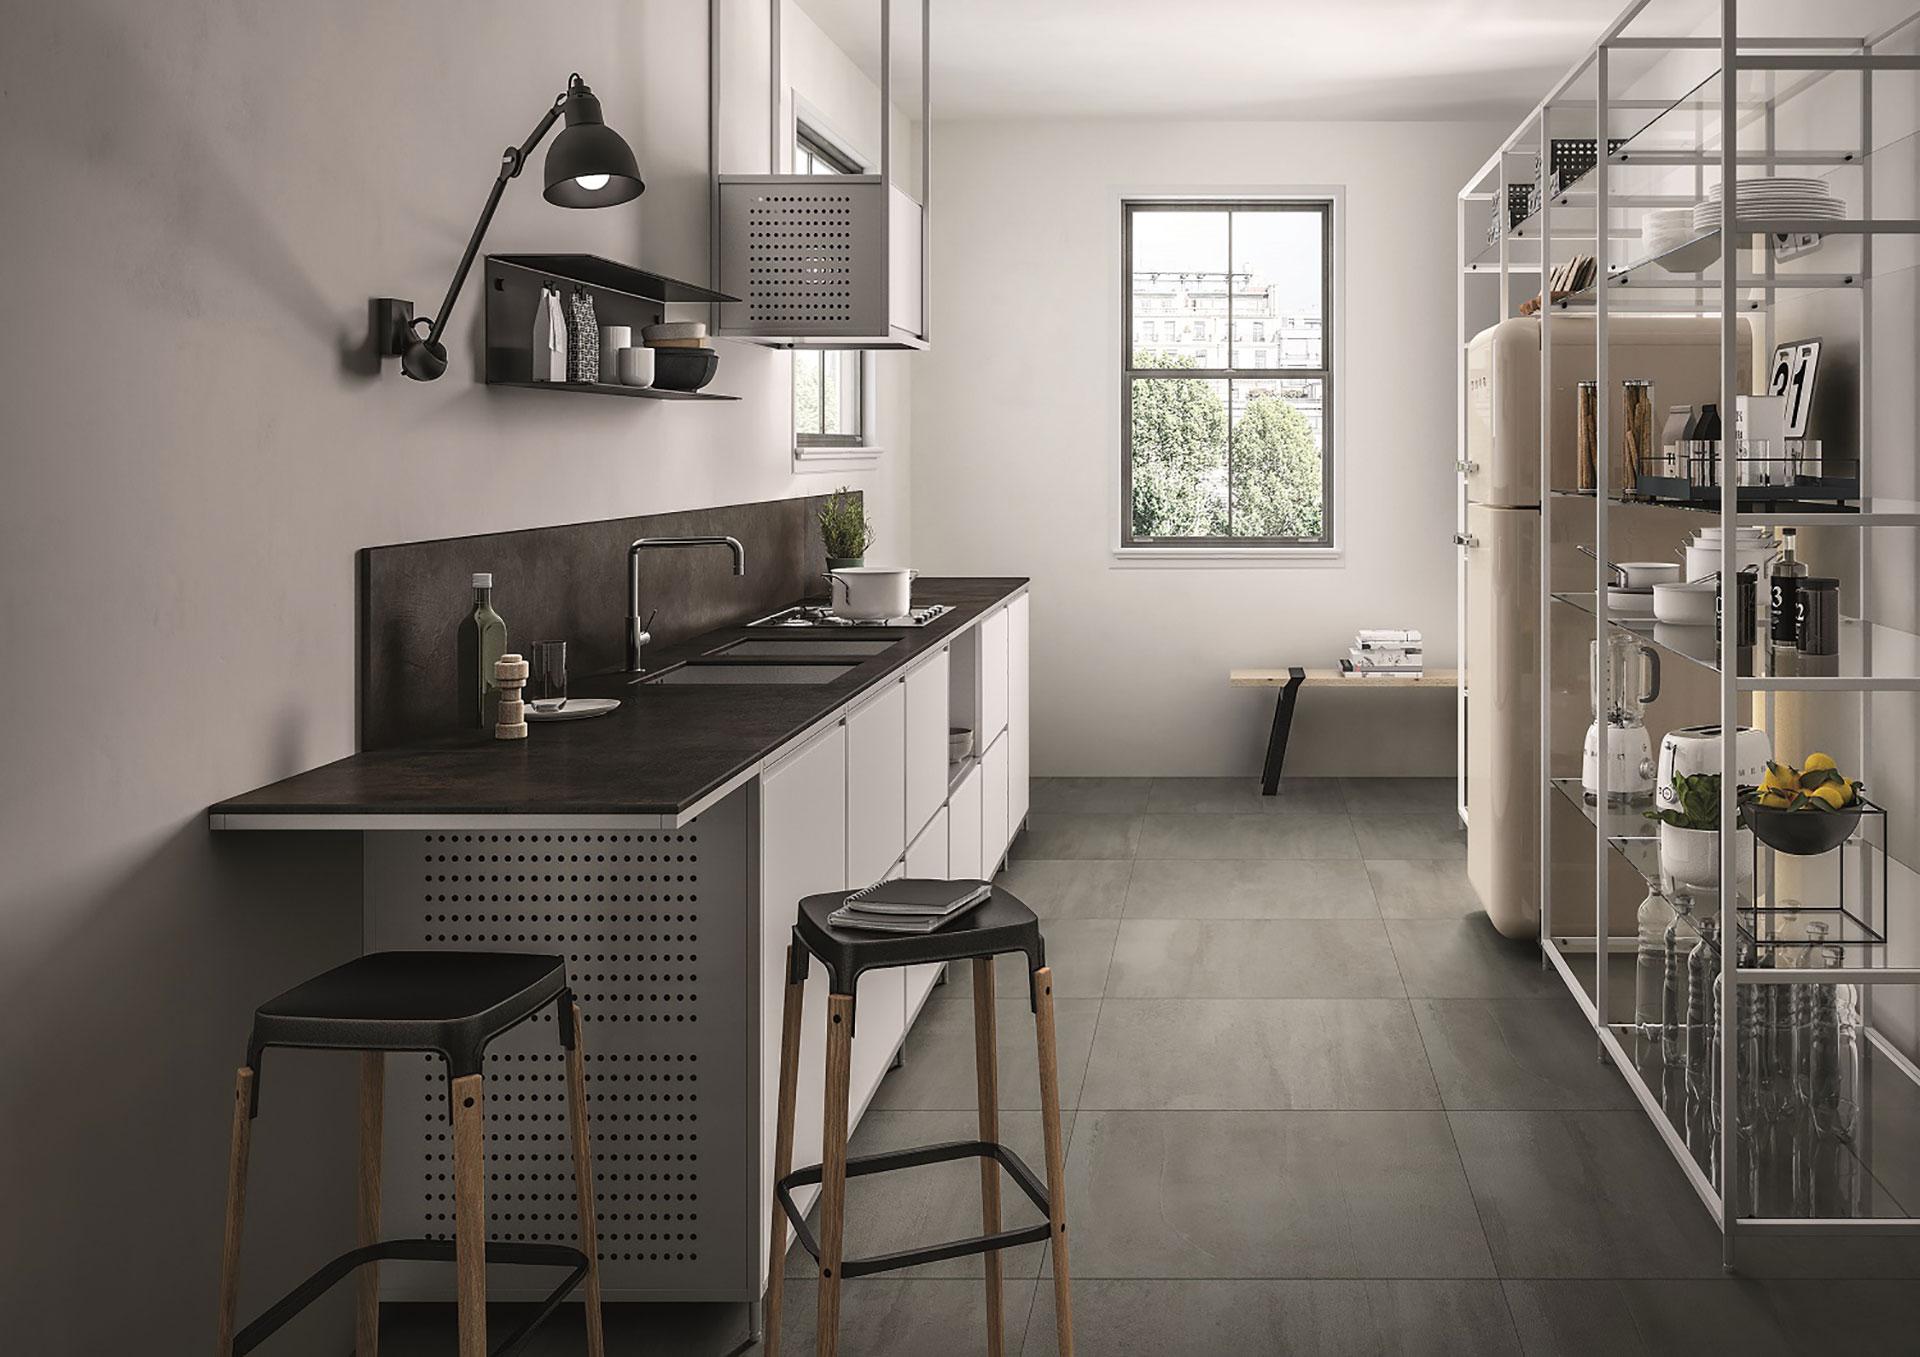 Design trends 2019: SapienStone kitchen tops